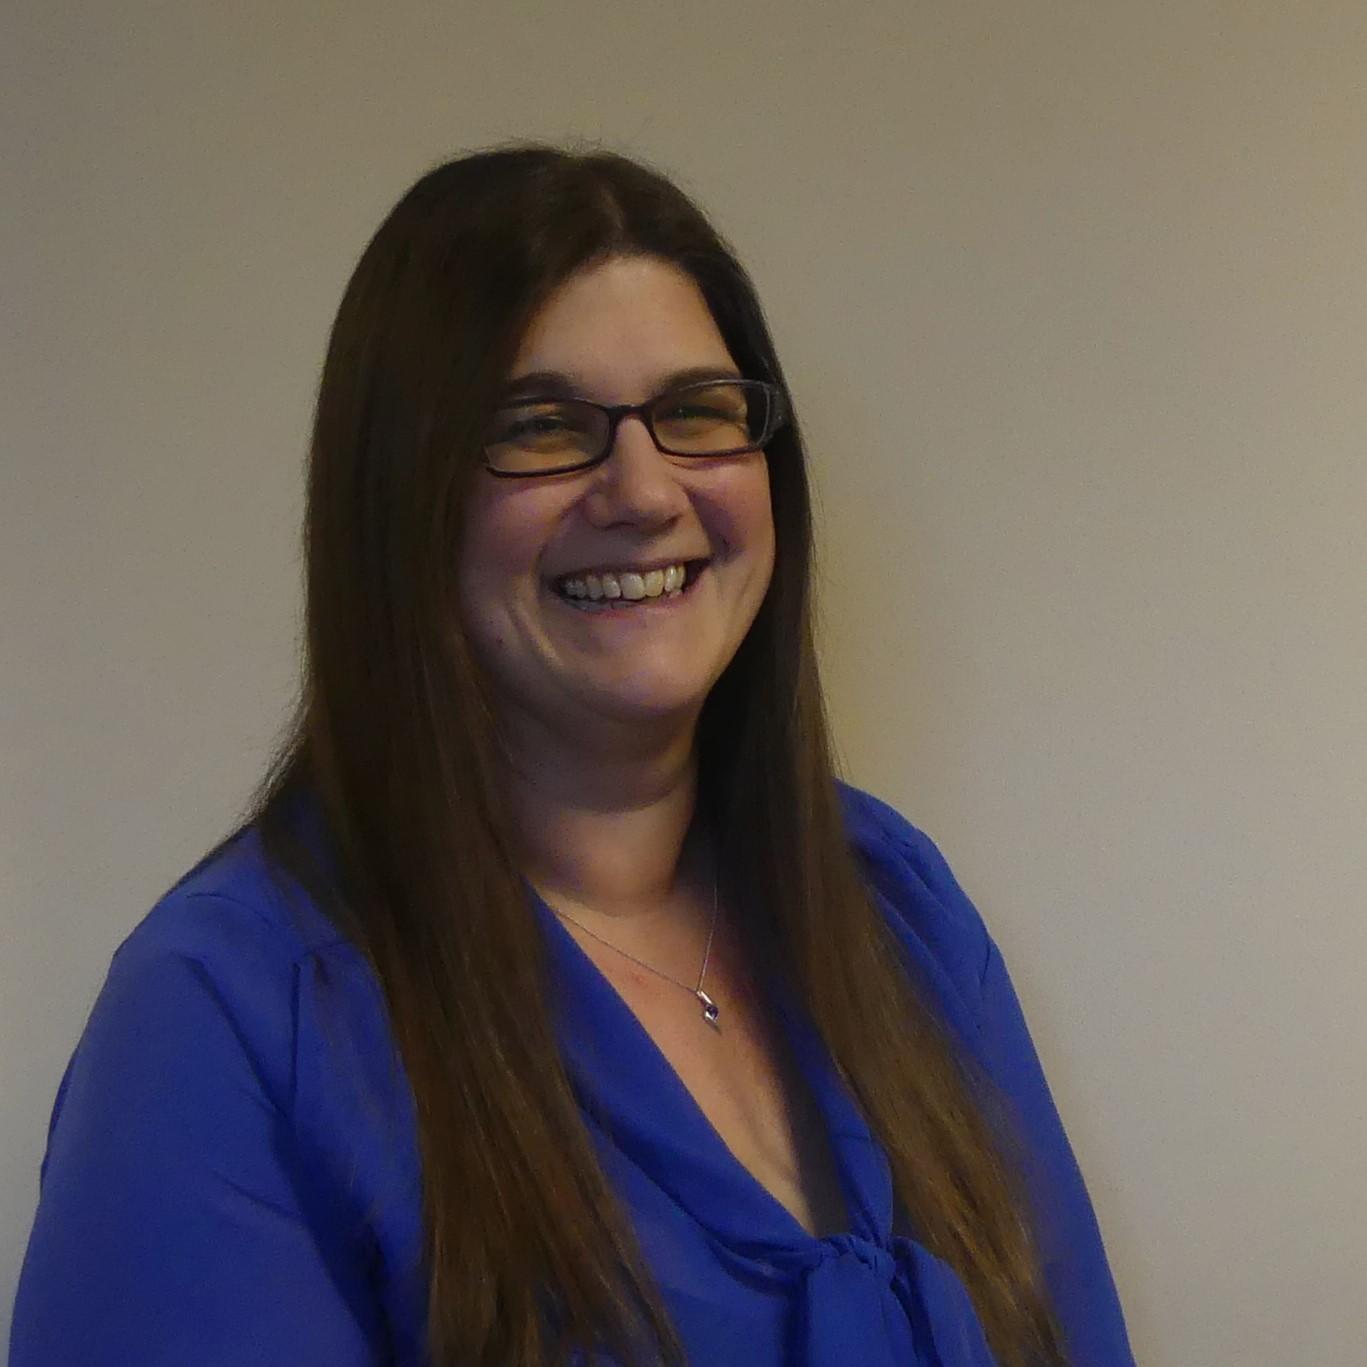 CJAM Welcomes New Finance Director